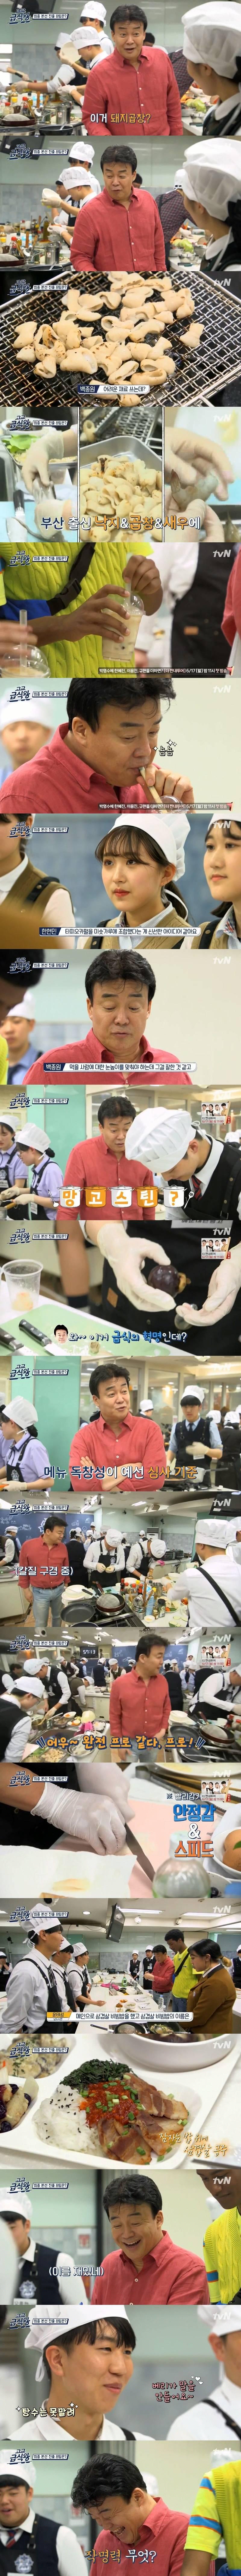 고교급식왕 백종원 상황.jpg | 인스티즈